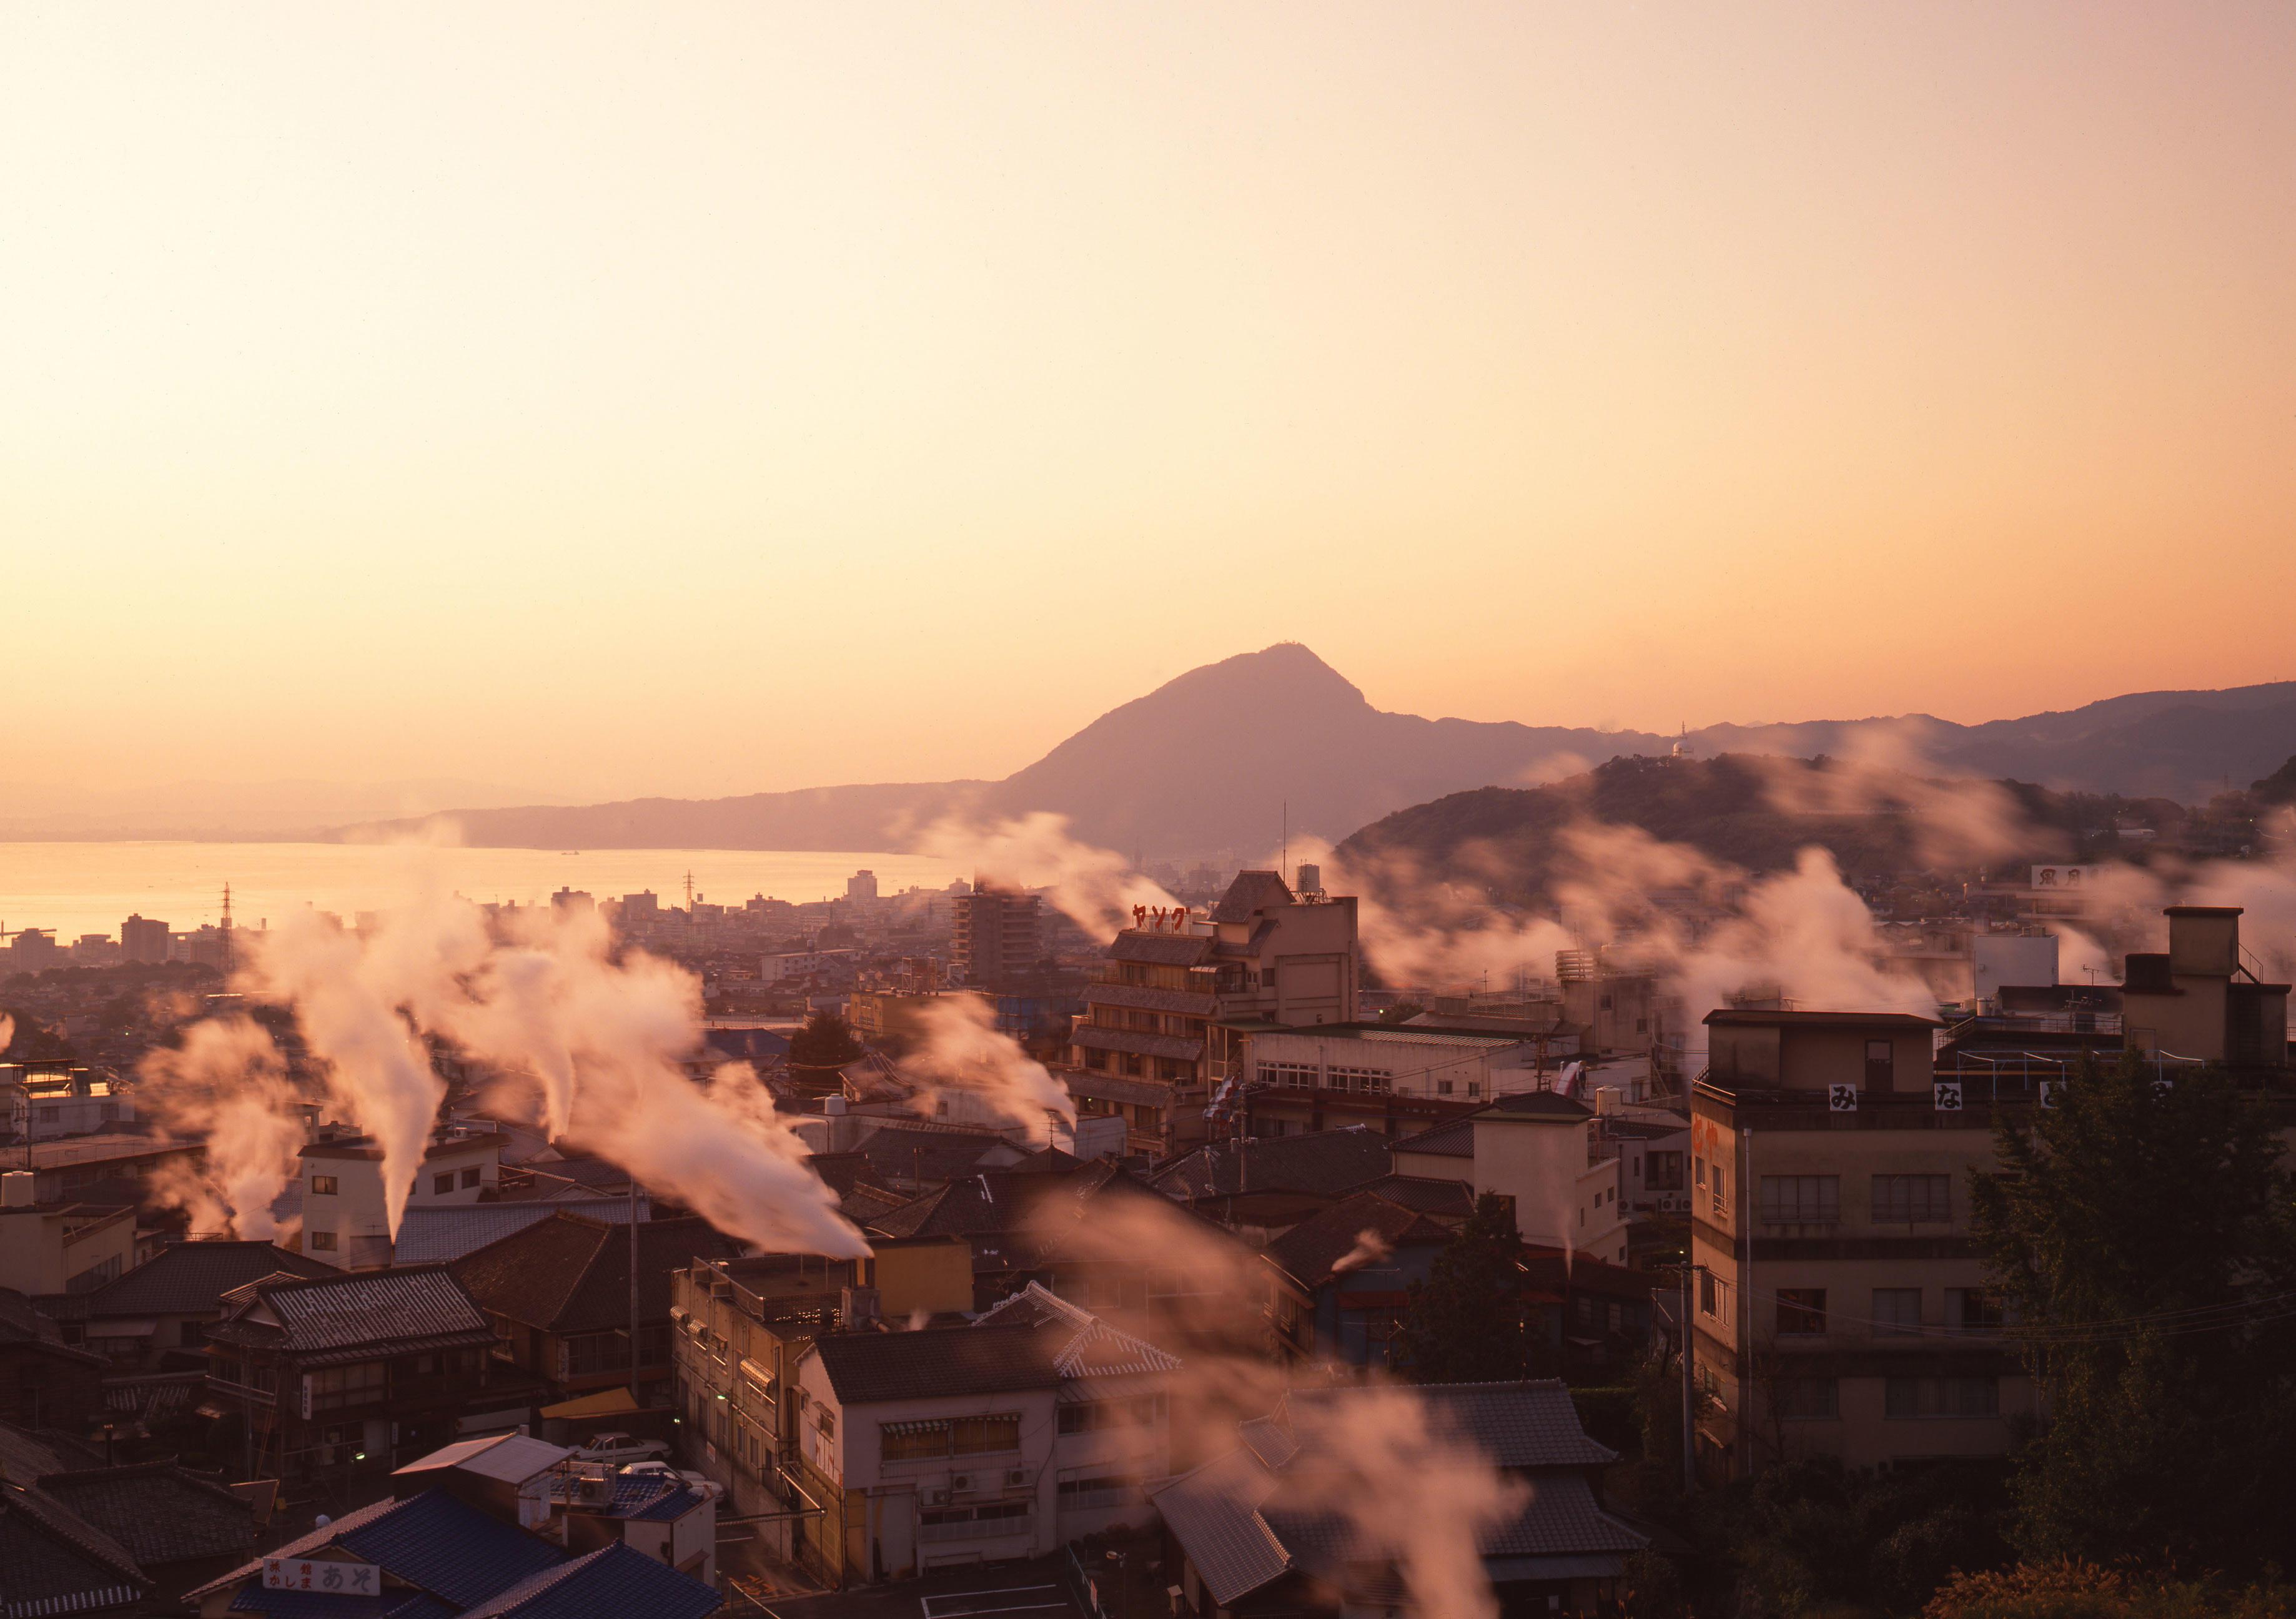 東京都市大学と東海大学がおんせん県職員3,911名を対象とした温泉大規模調査を実施 -- 11分以上の長風呂で「眠れる」と回答する傾向 「ぬるい湯」より「熱い湯」の方が「眠れる」可能性も?